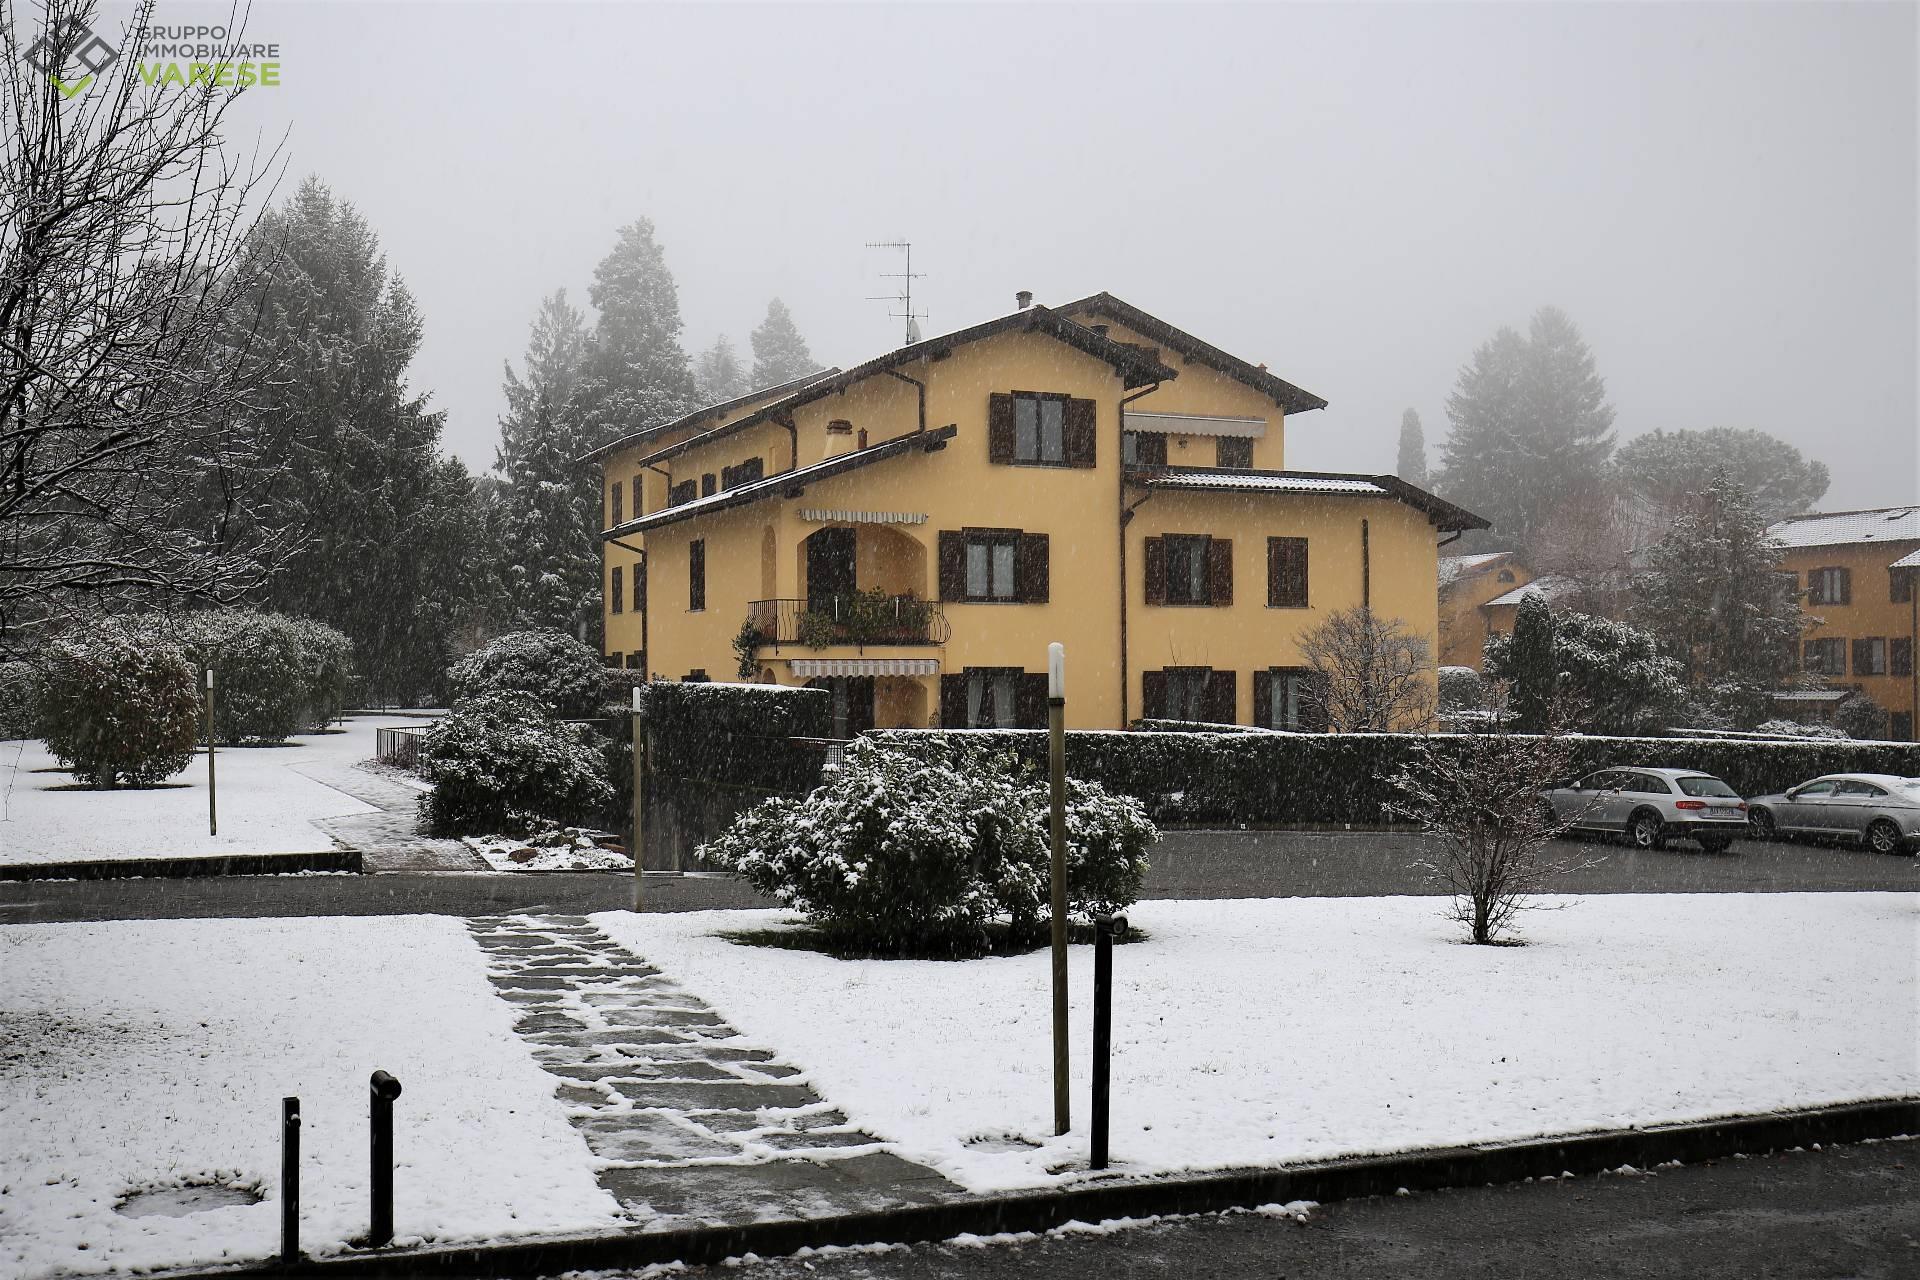 Appartamento in vendita a Luvinate, 3 locali, prezzo € 190.000 | CambioCasa.it